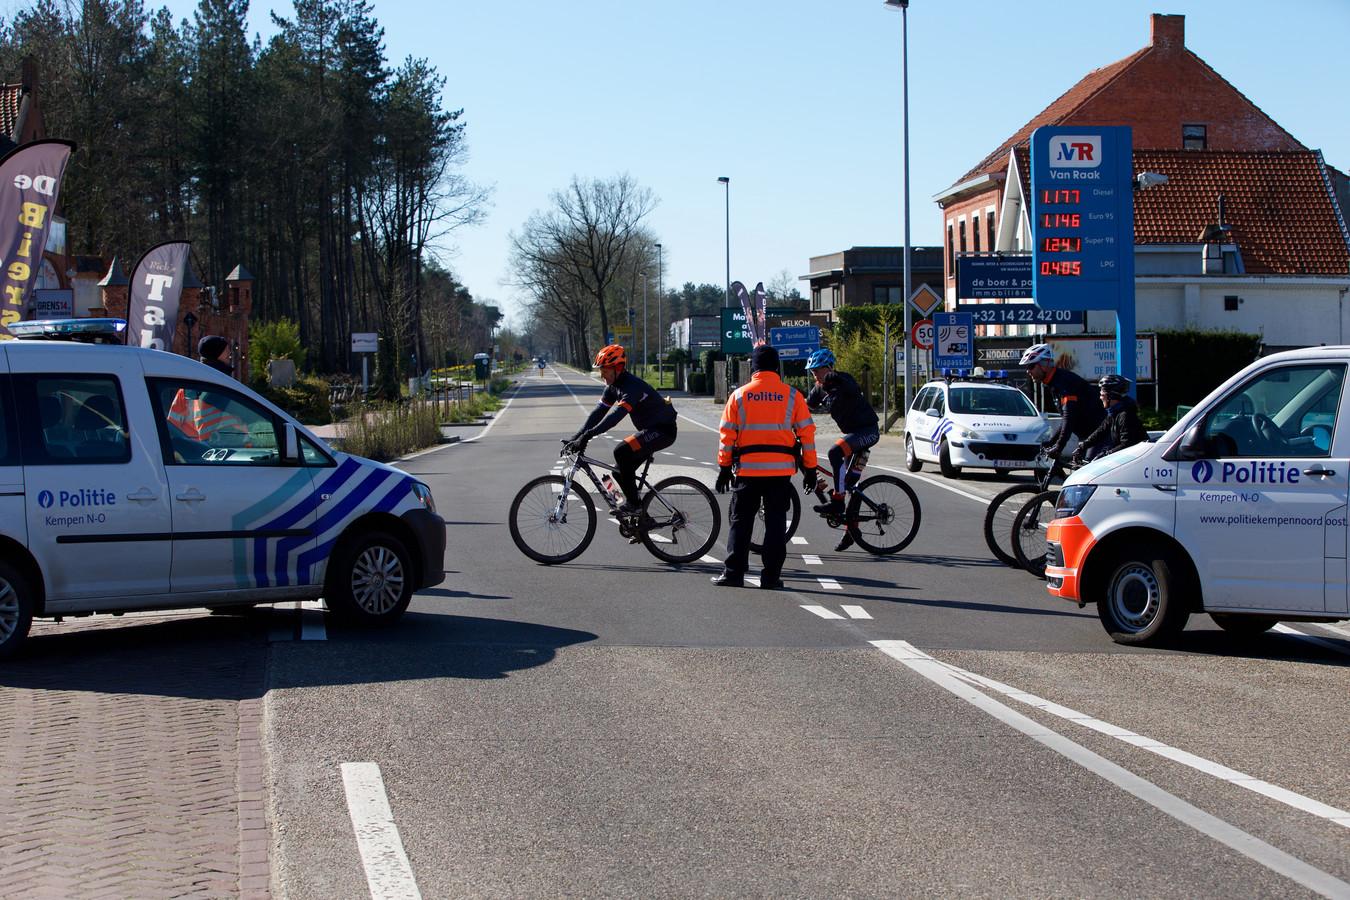 De geplaagde burgemeester Frank Petter van Bergen op Zoom wil, om de verspreiding van het coronavirus tegen te gaan,  de Belgen weren uit zijn stad en wil dat Den Haag hem daar de mogelijkheden voor geeft.